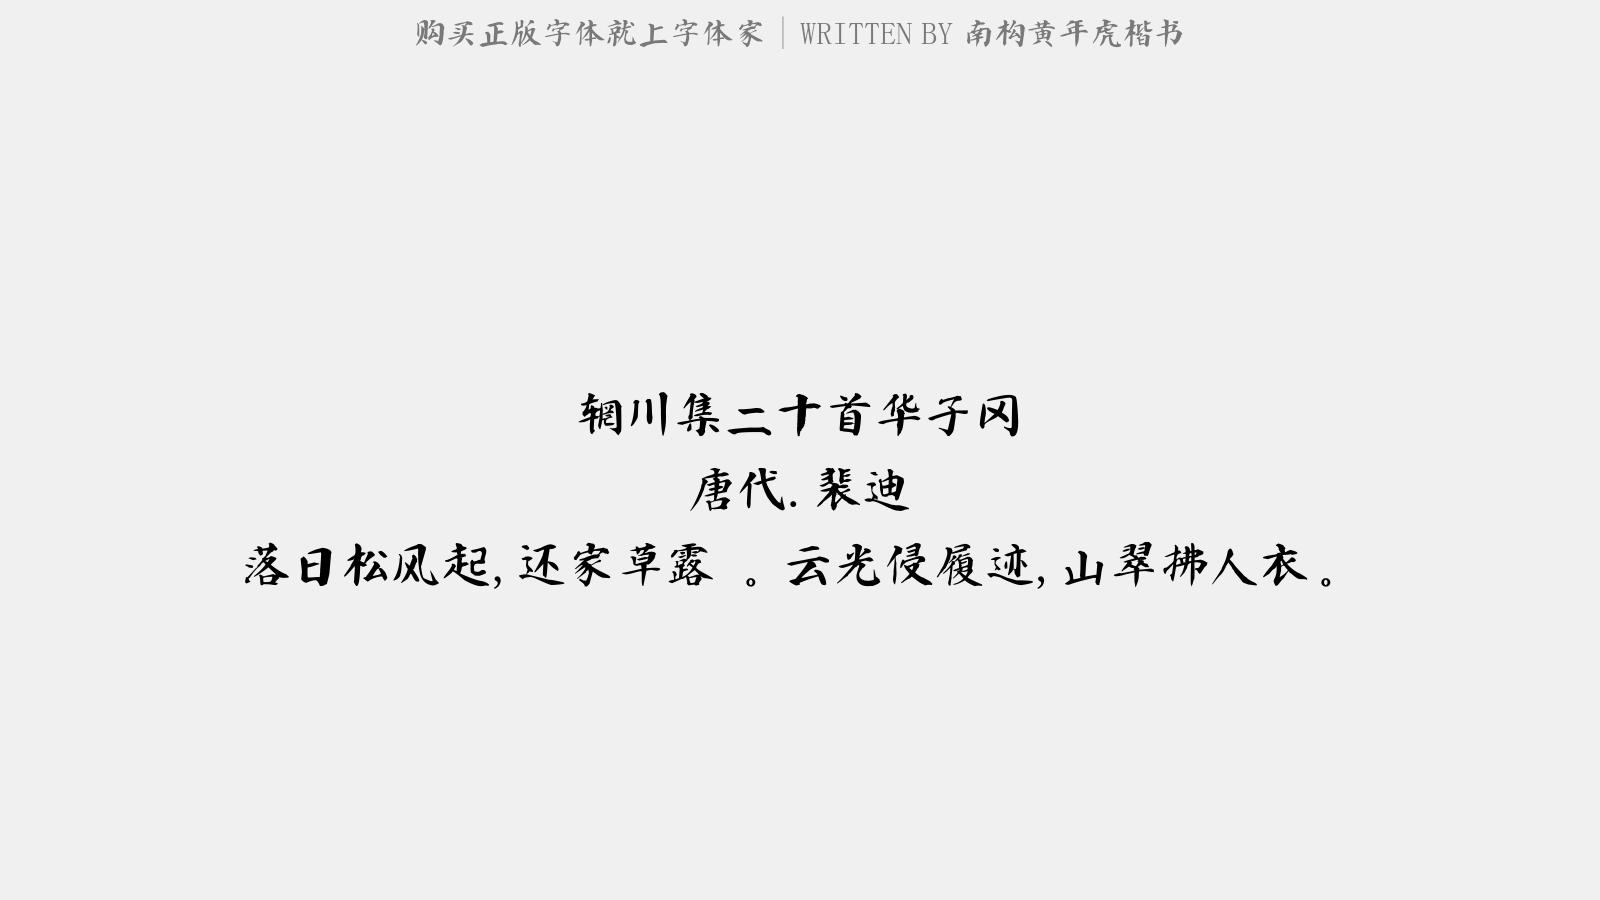 南構黃年虎楷書 - 輞川集二十首。華子岡